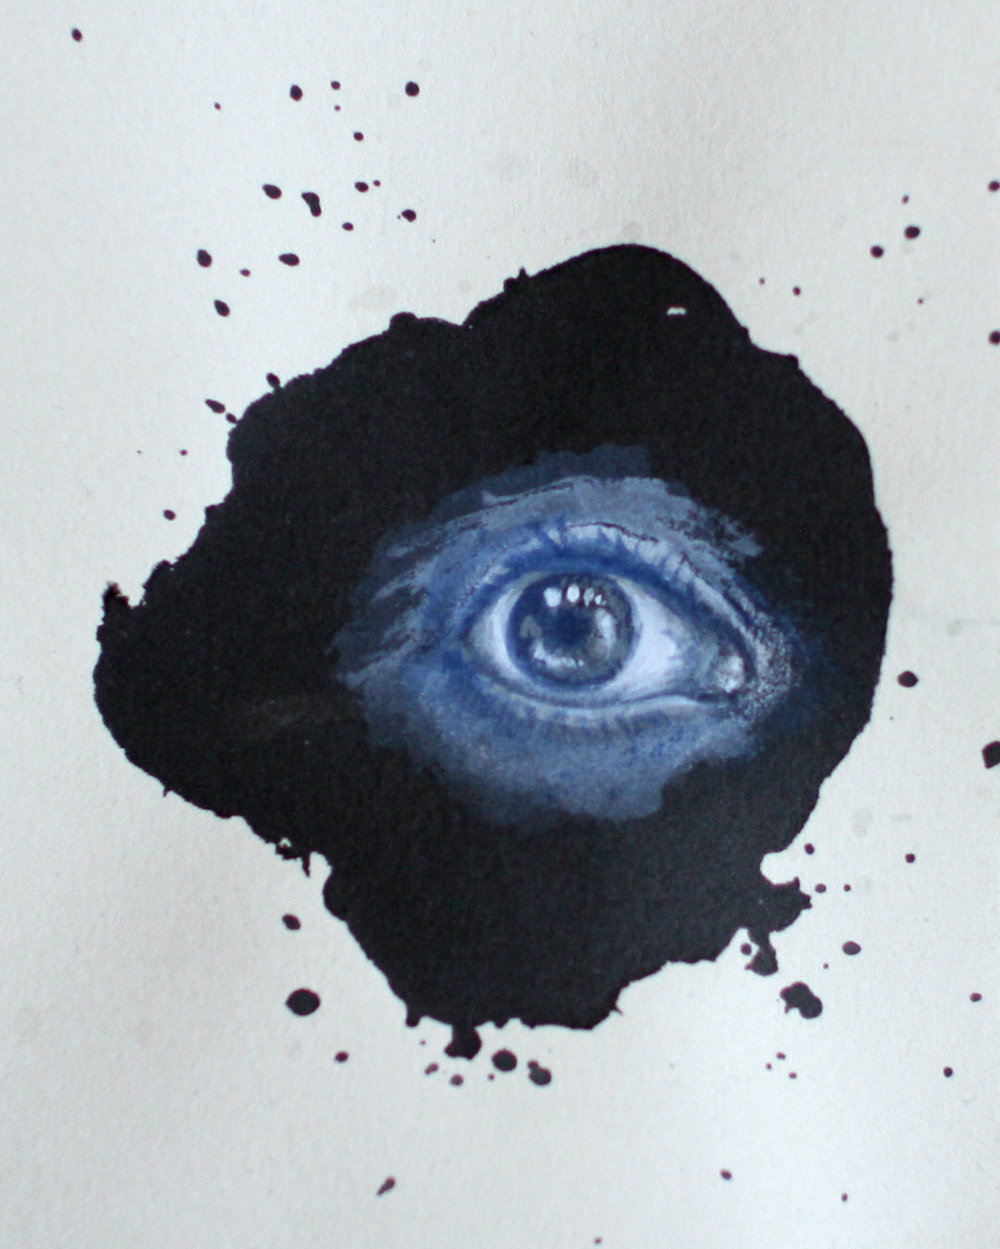 blackeye.jpg